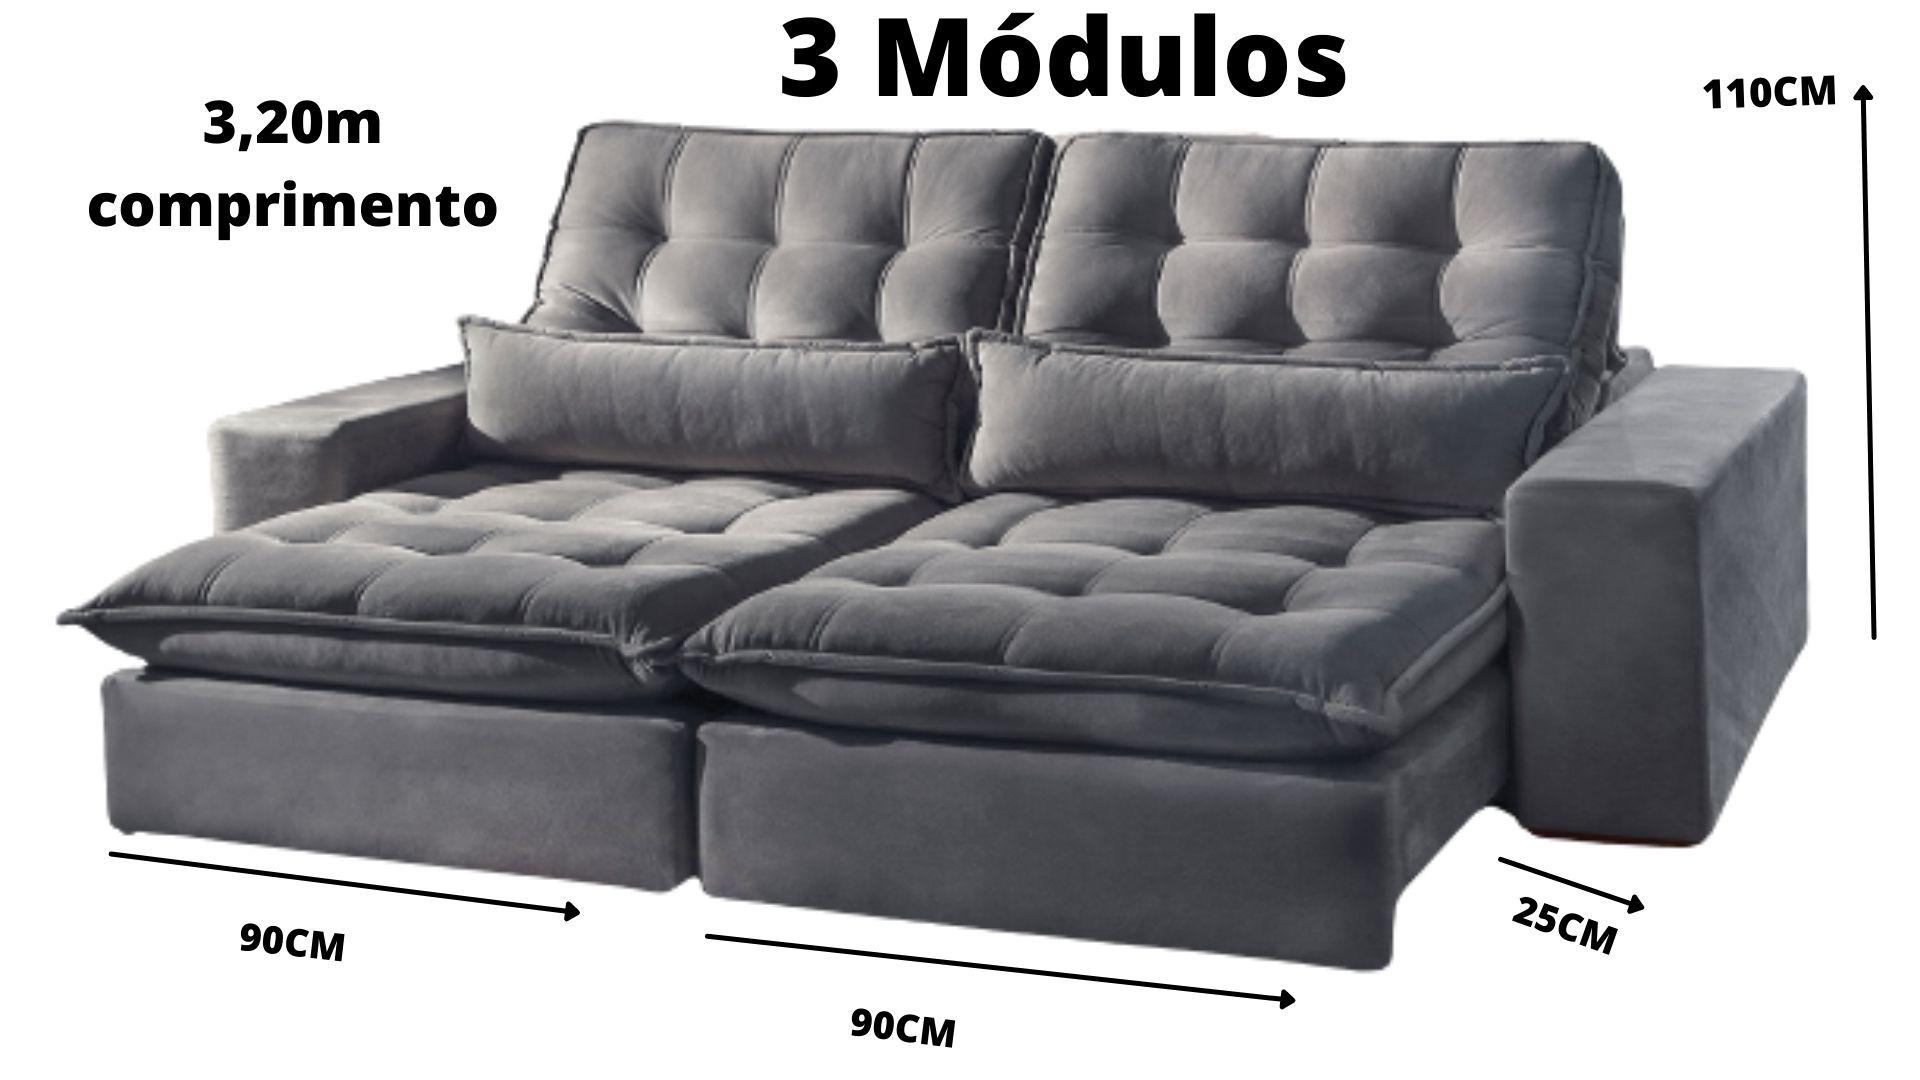 Sofá de 2 módulos Brasil ,Reclinável com Molas no Assento e Almofadas, Tecido Suede